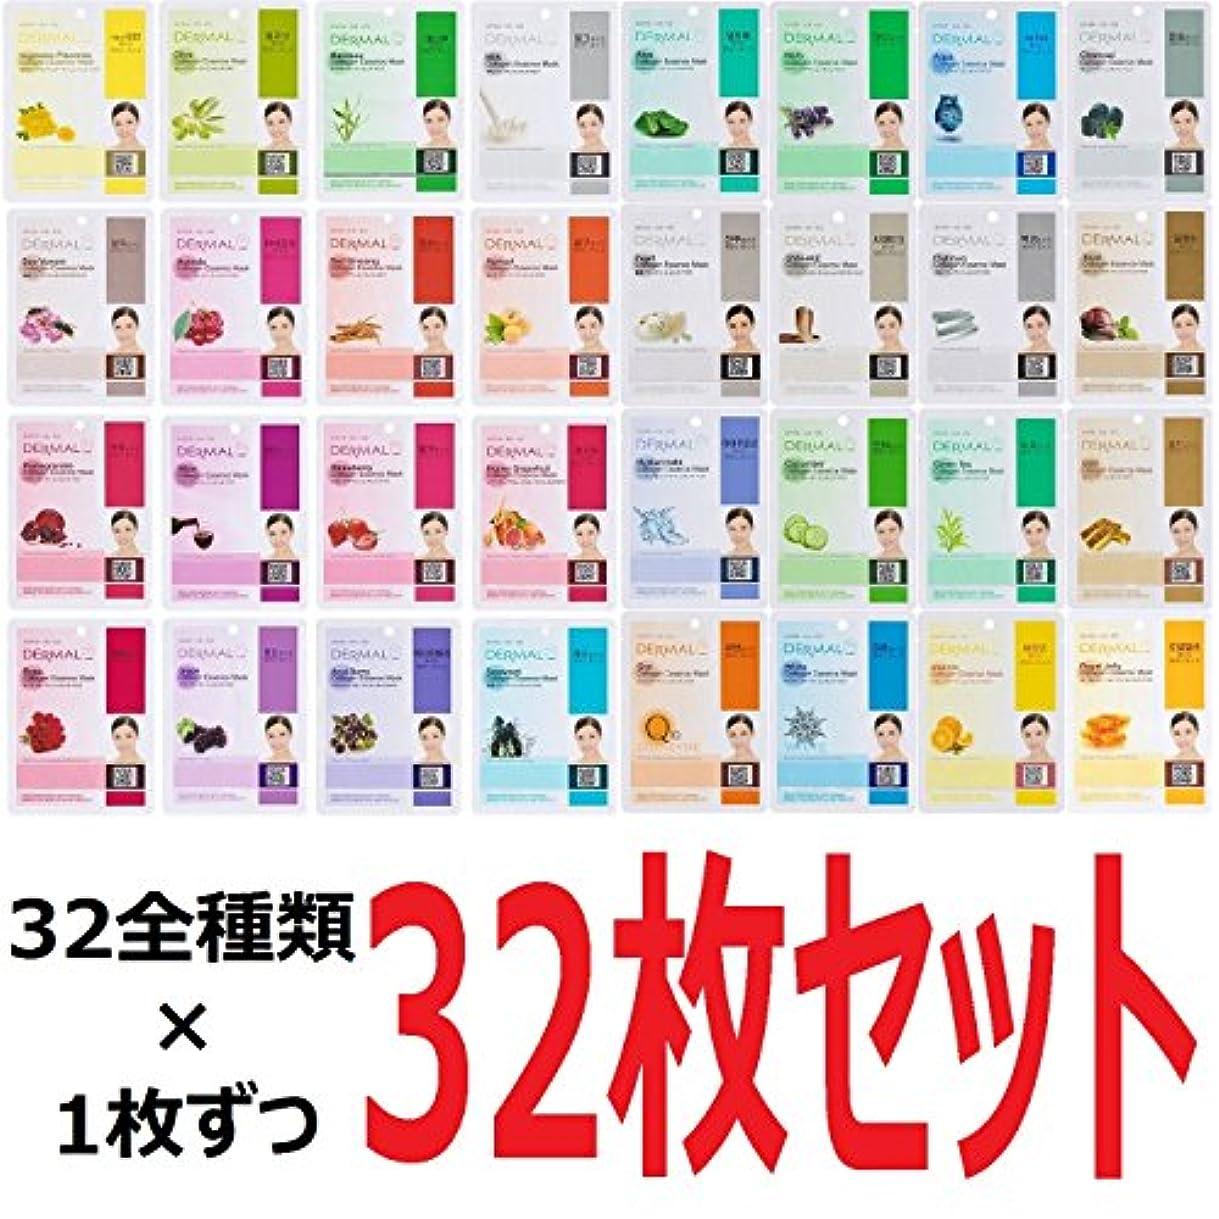 品揃え特性学校DERMAL(ダーマル) エッセンスマスク 32枚セット(32種全種類)/Essence Mask 32pcs [並行輸入品]